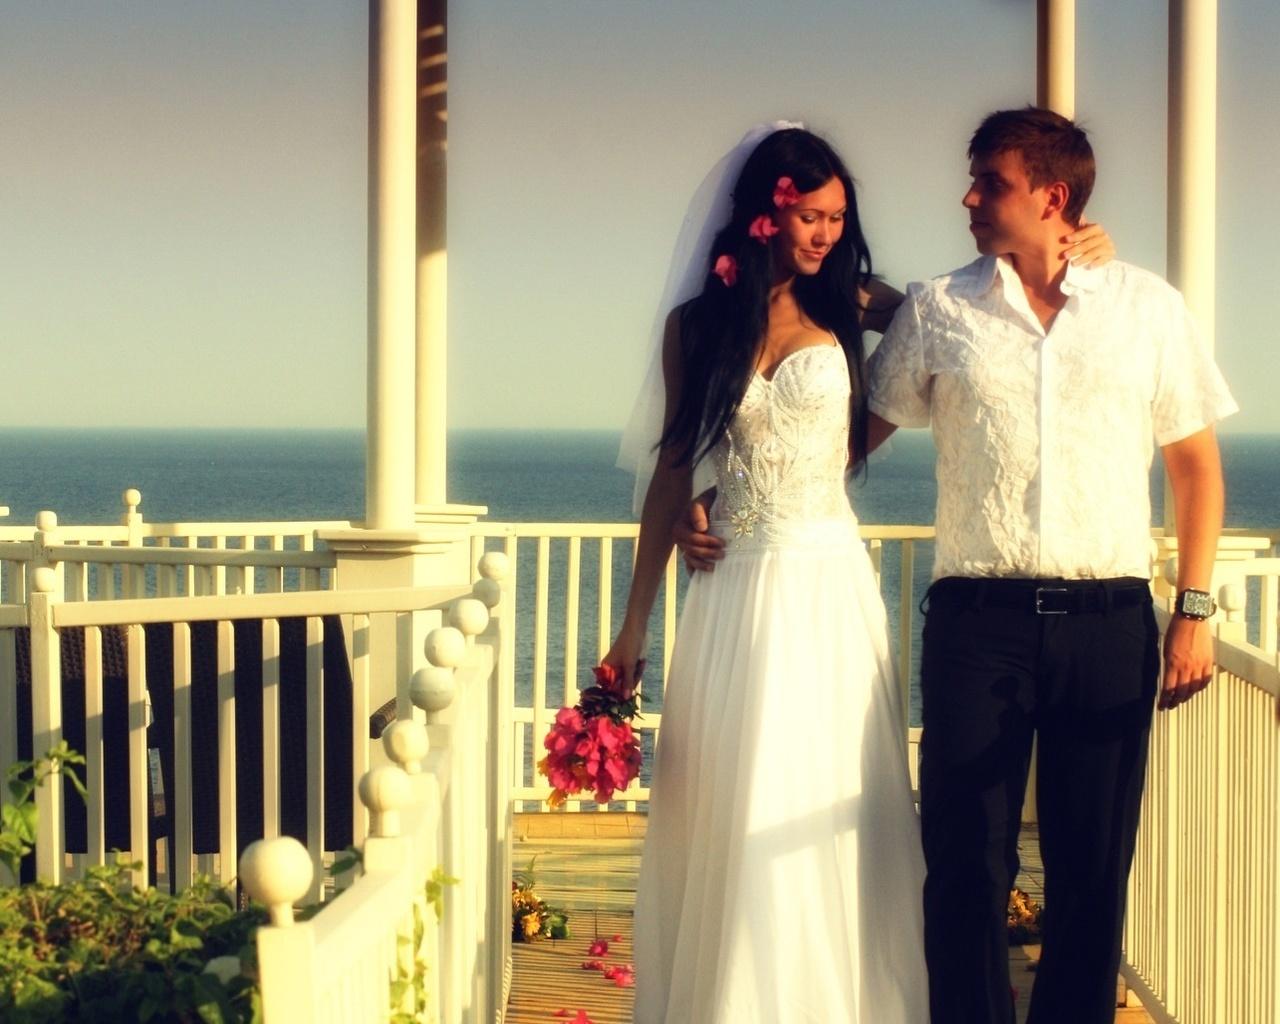 Фото жену на свадьбе 7 фотография